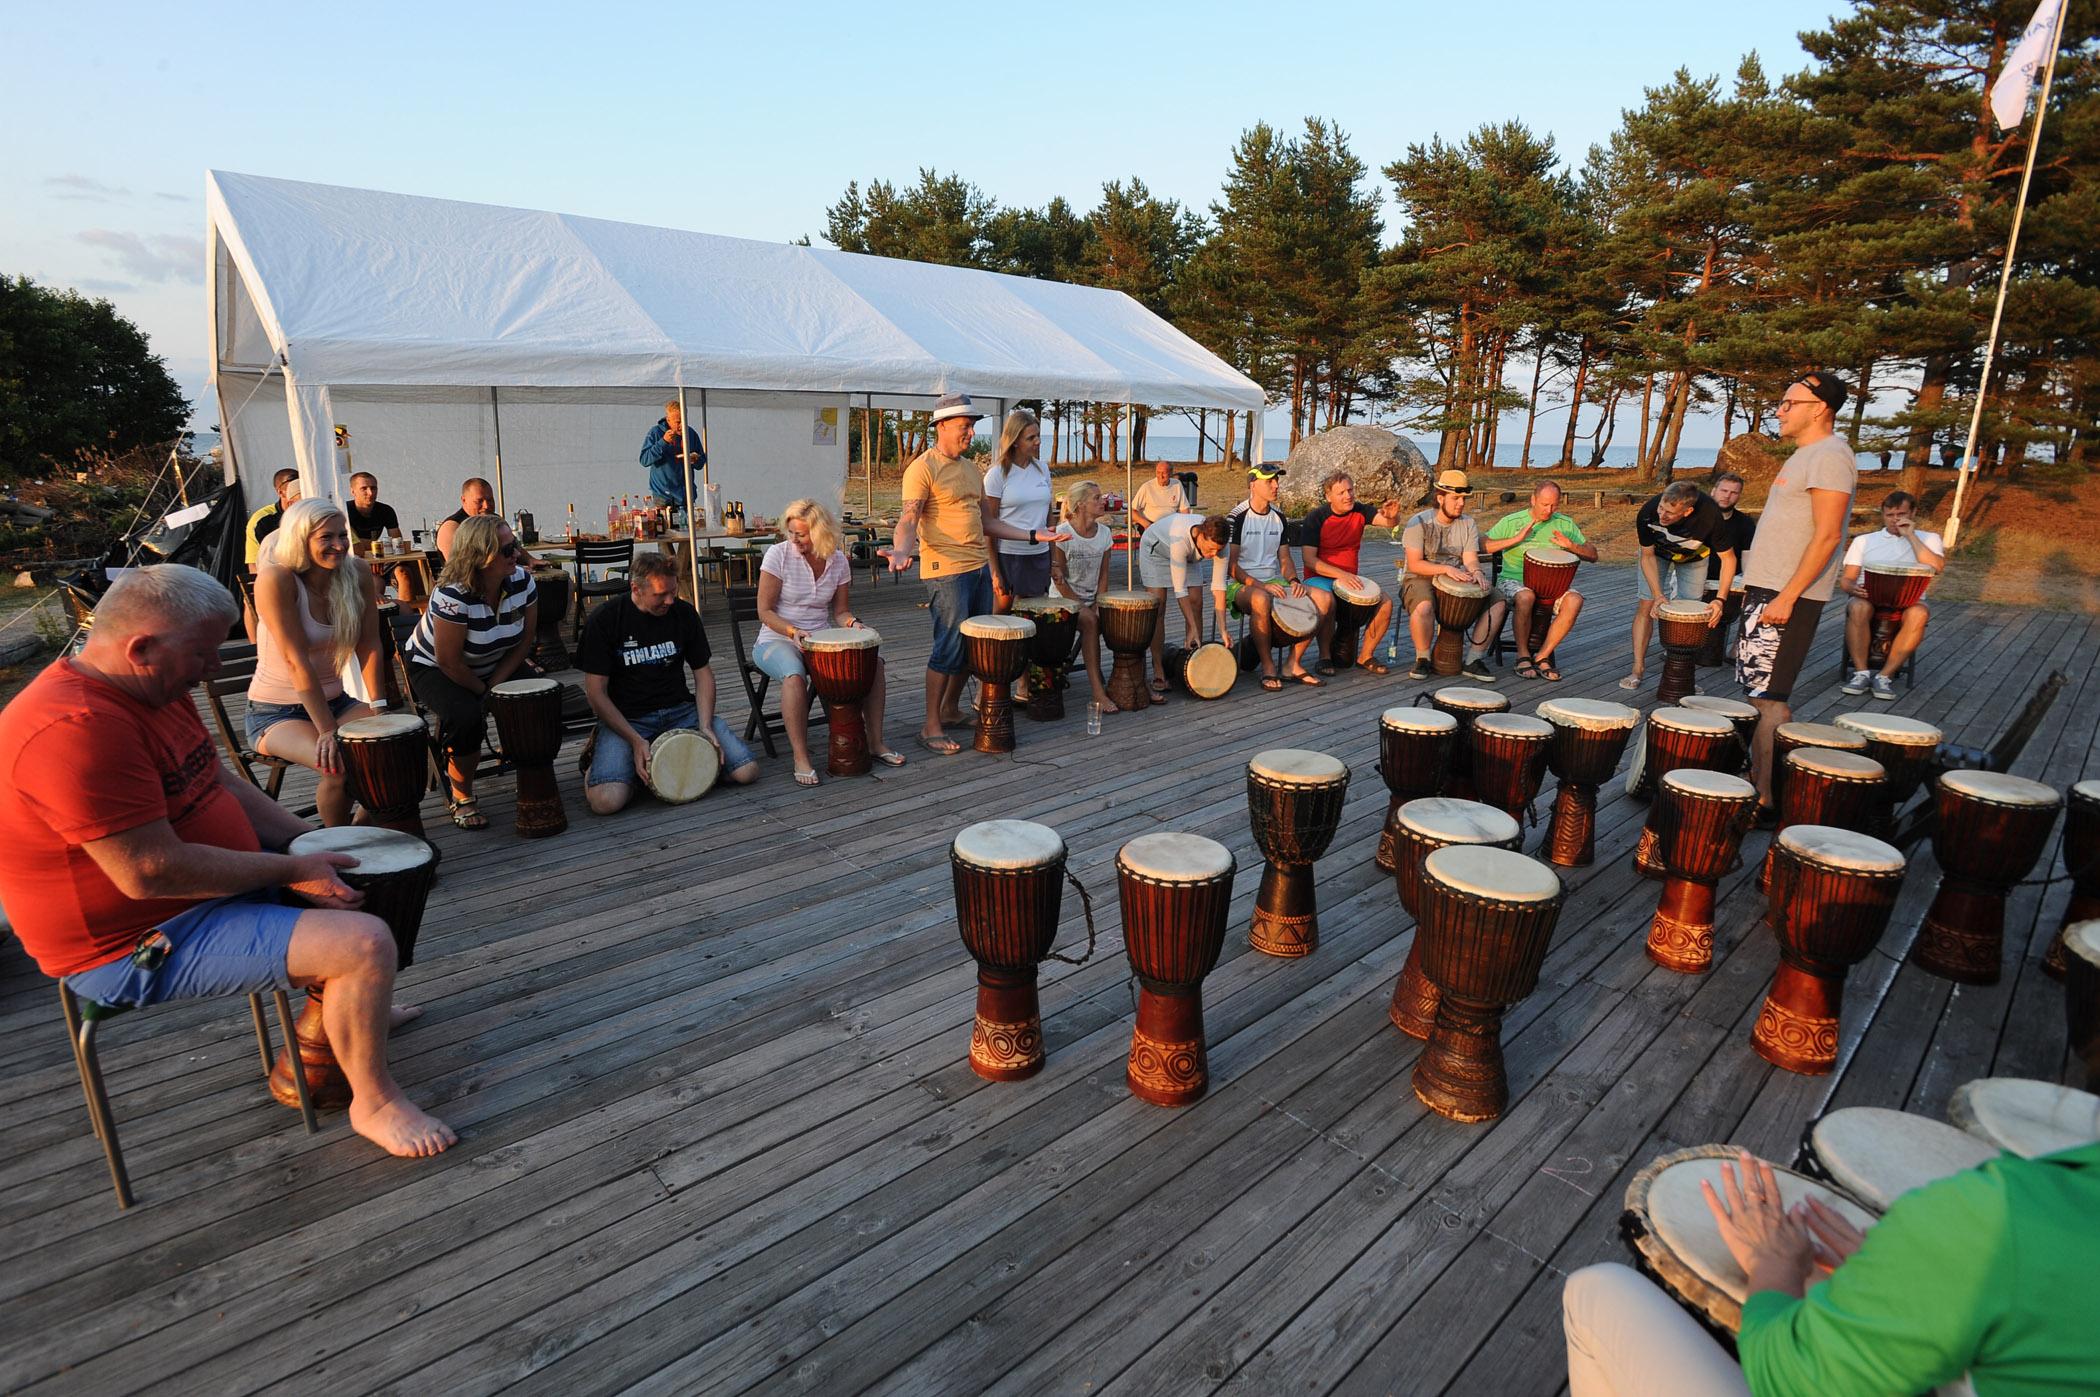 St. Gobain suvepäevad Prangli saarel 2018. Reigo Ahvena trummimängu töötuba